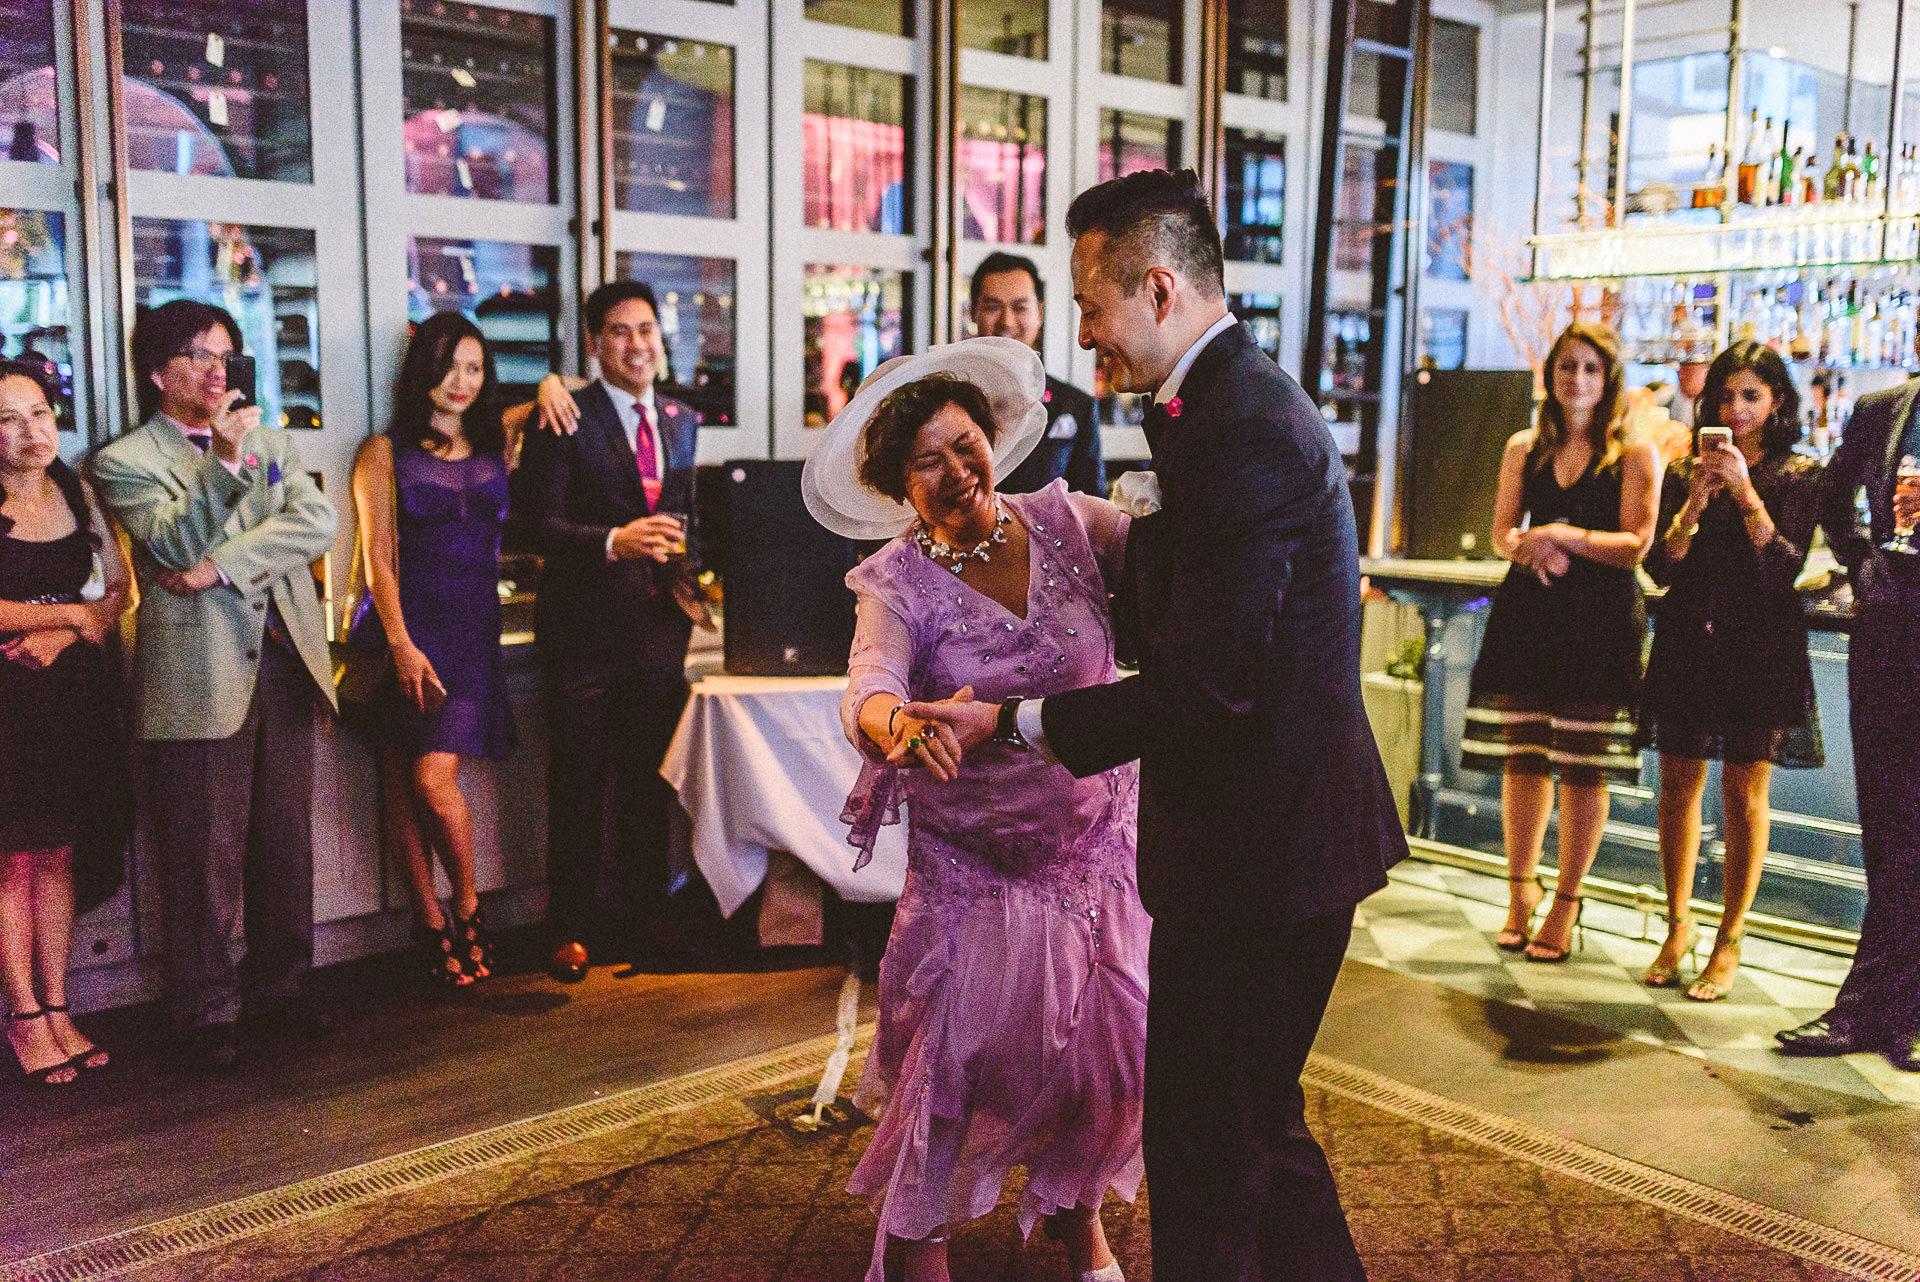 Mother groom dance at Colette Restaurant